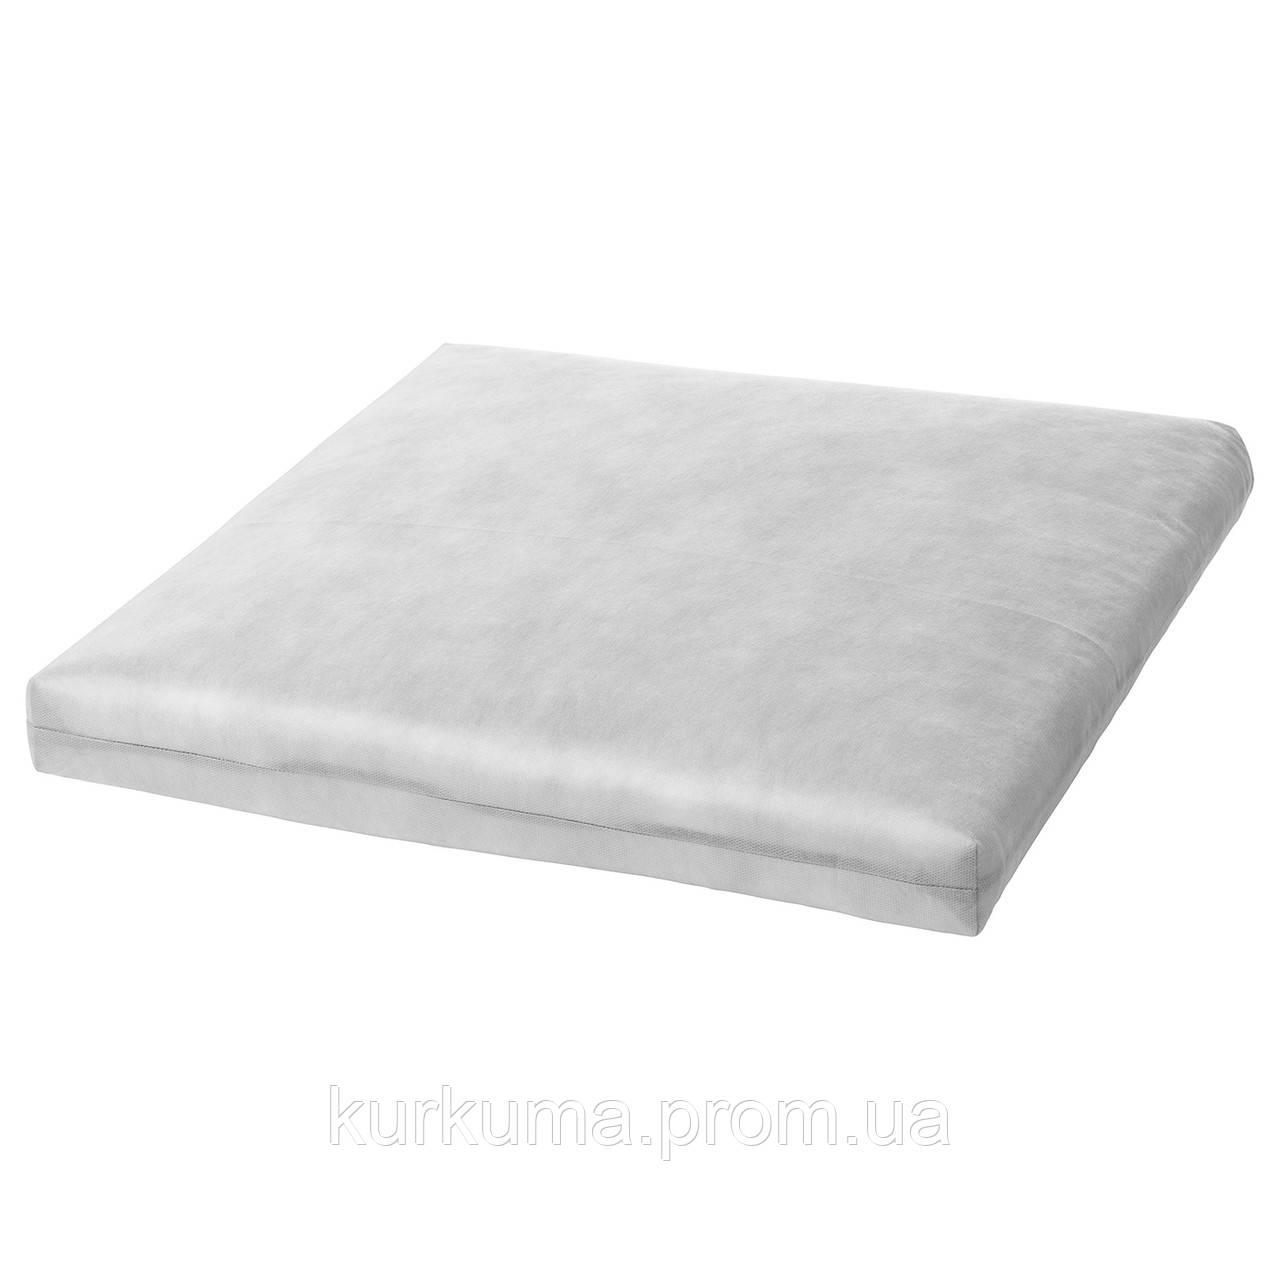 IKEA DUVHOLMEN Внутренняя садовая подушка, 50х50 см (604.178.97)